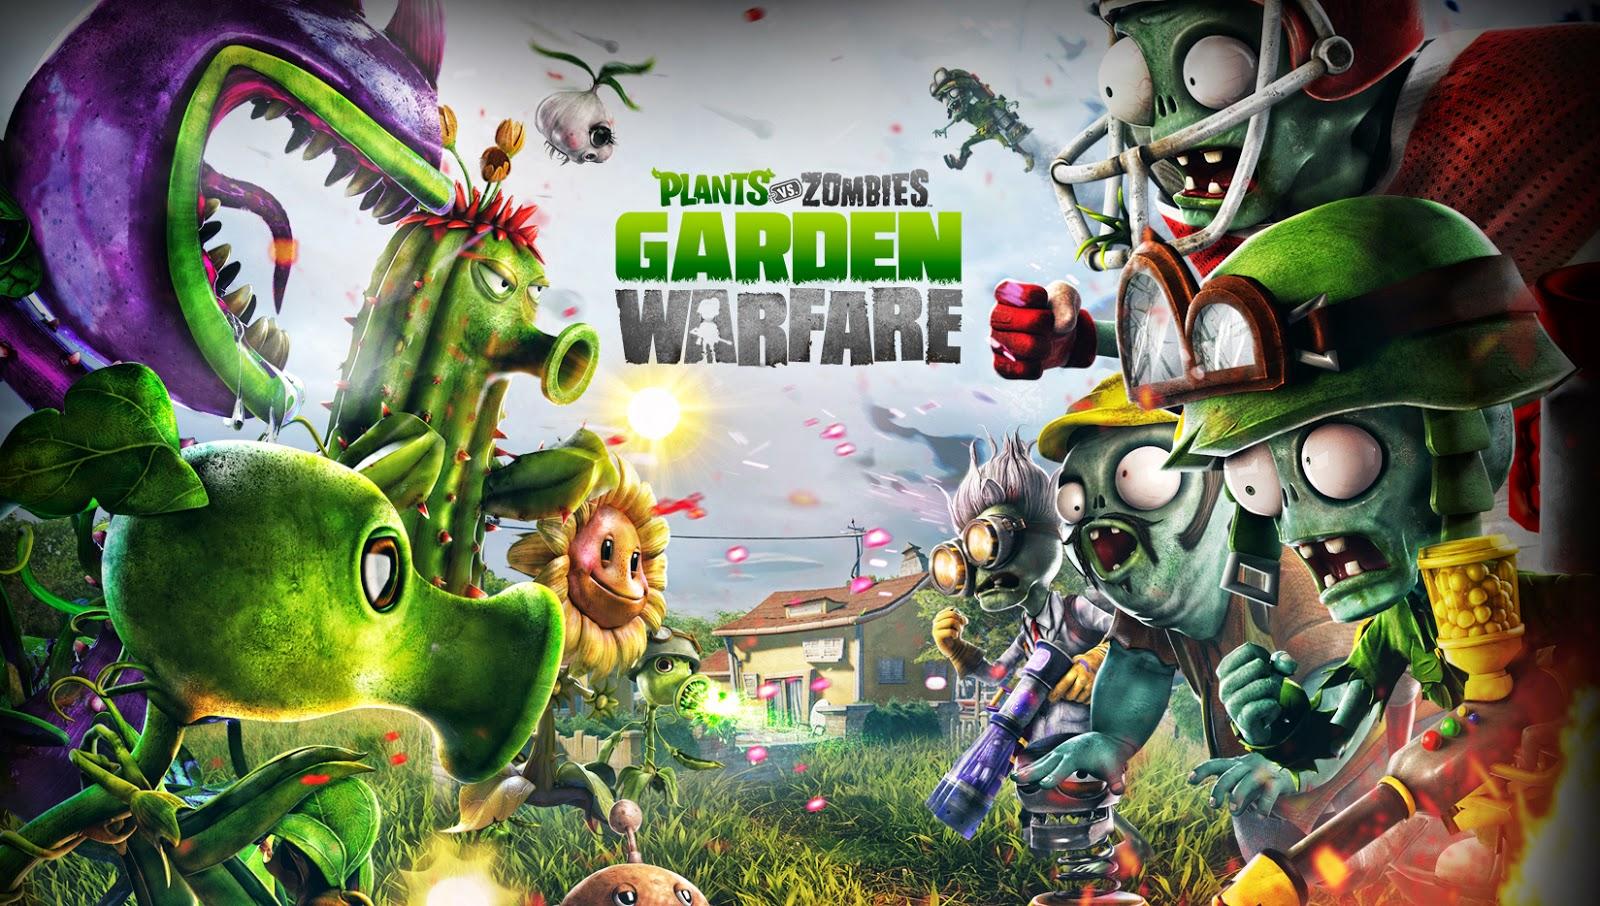 Plants Vs Zombies Garden Warfare Cheats Plants Vs Zombies Garden Warfare Screenshot 7 For Ps3